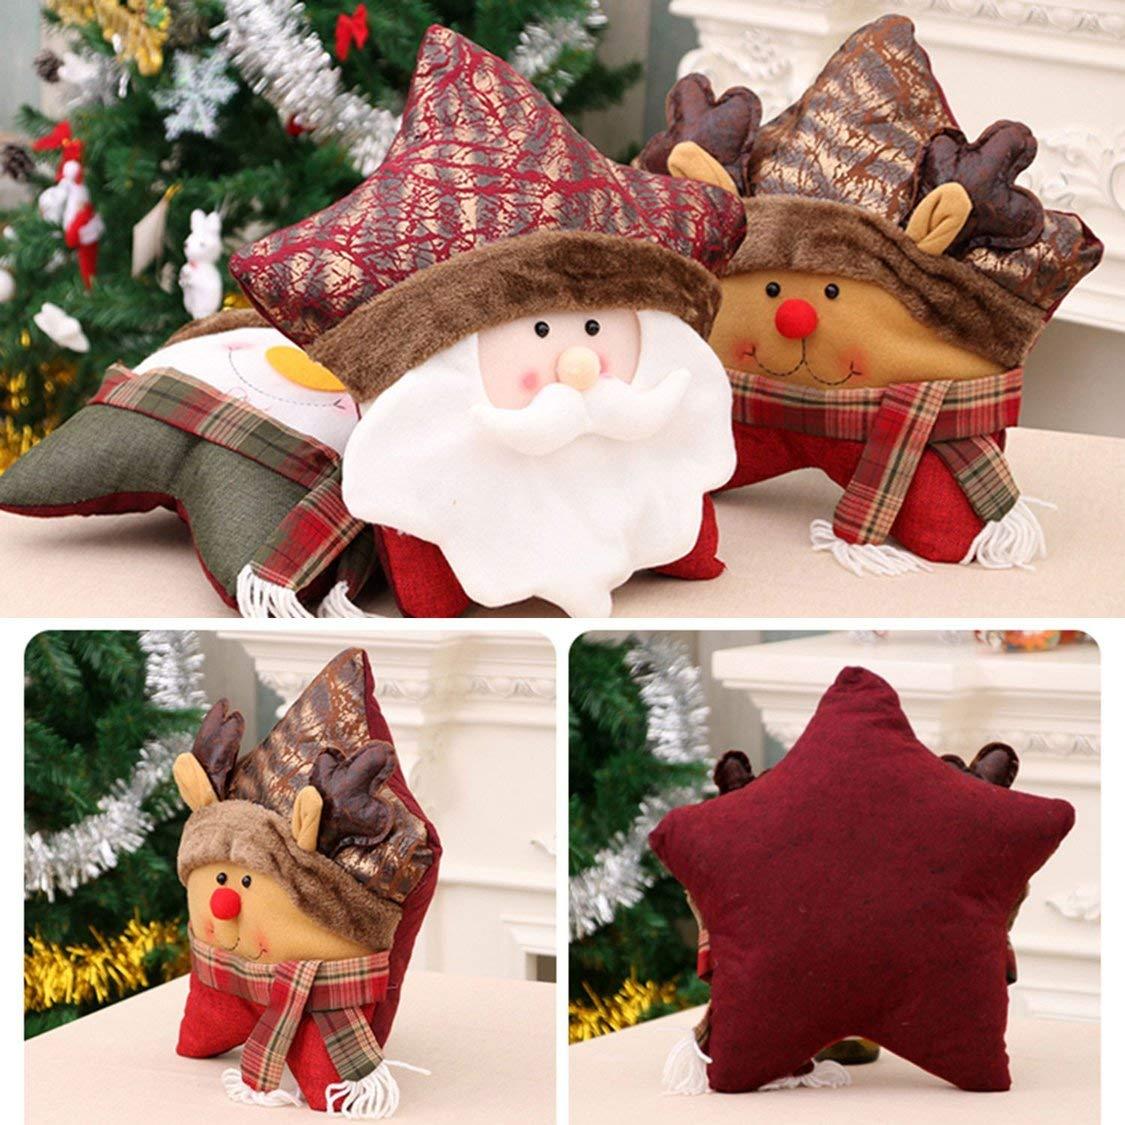 Weihnachtsdekoration Geschenk Kontrast Farbe Mosaik F/ünf-Sterne-Kissen Schneemann alte Hirsch Cartoon Kissen zur/ück Hause liefert Multi-Color weihnachten deko